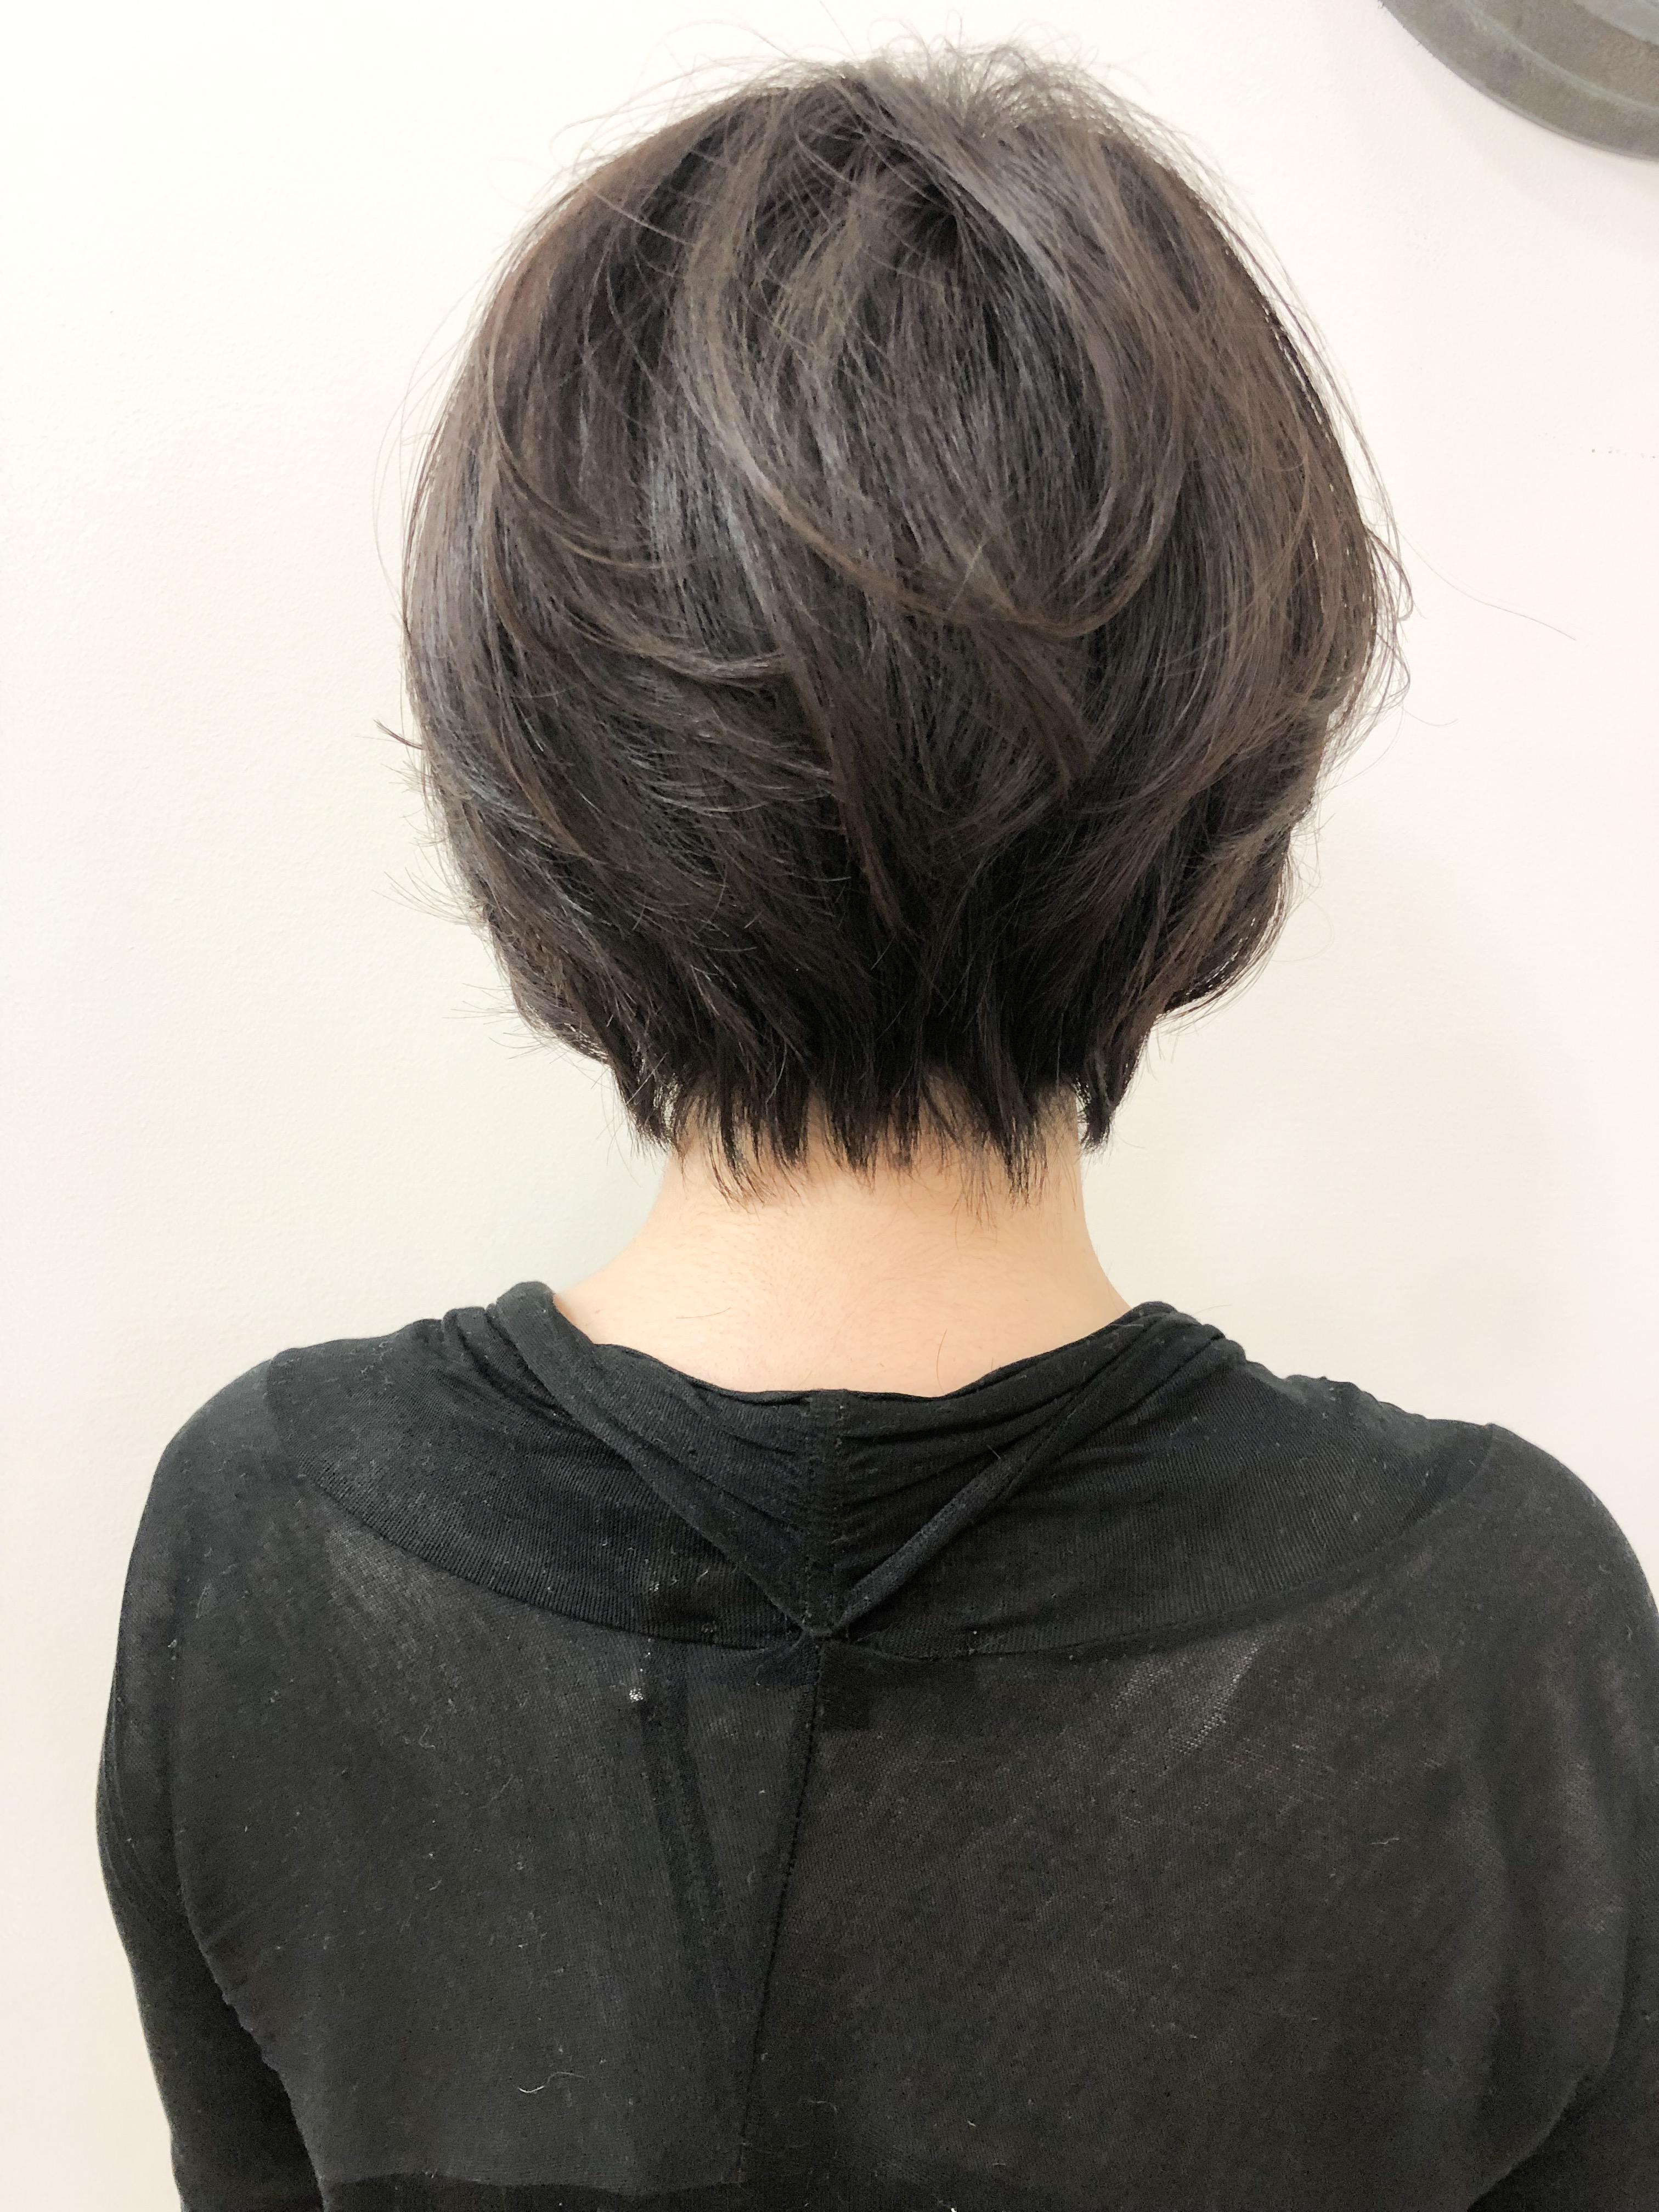 直毛+毛量多いボブ→襟足スッキリ+前髪長め大人ショートボブ